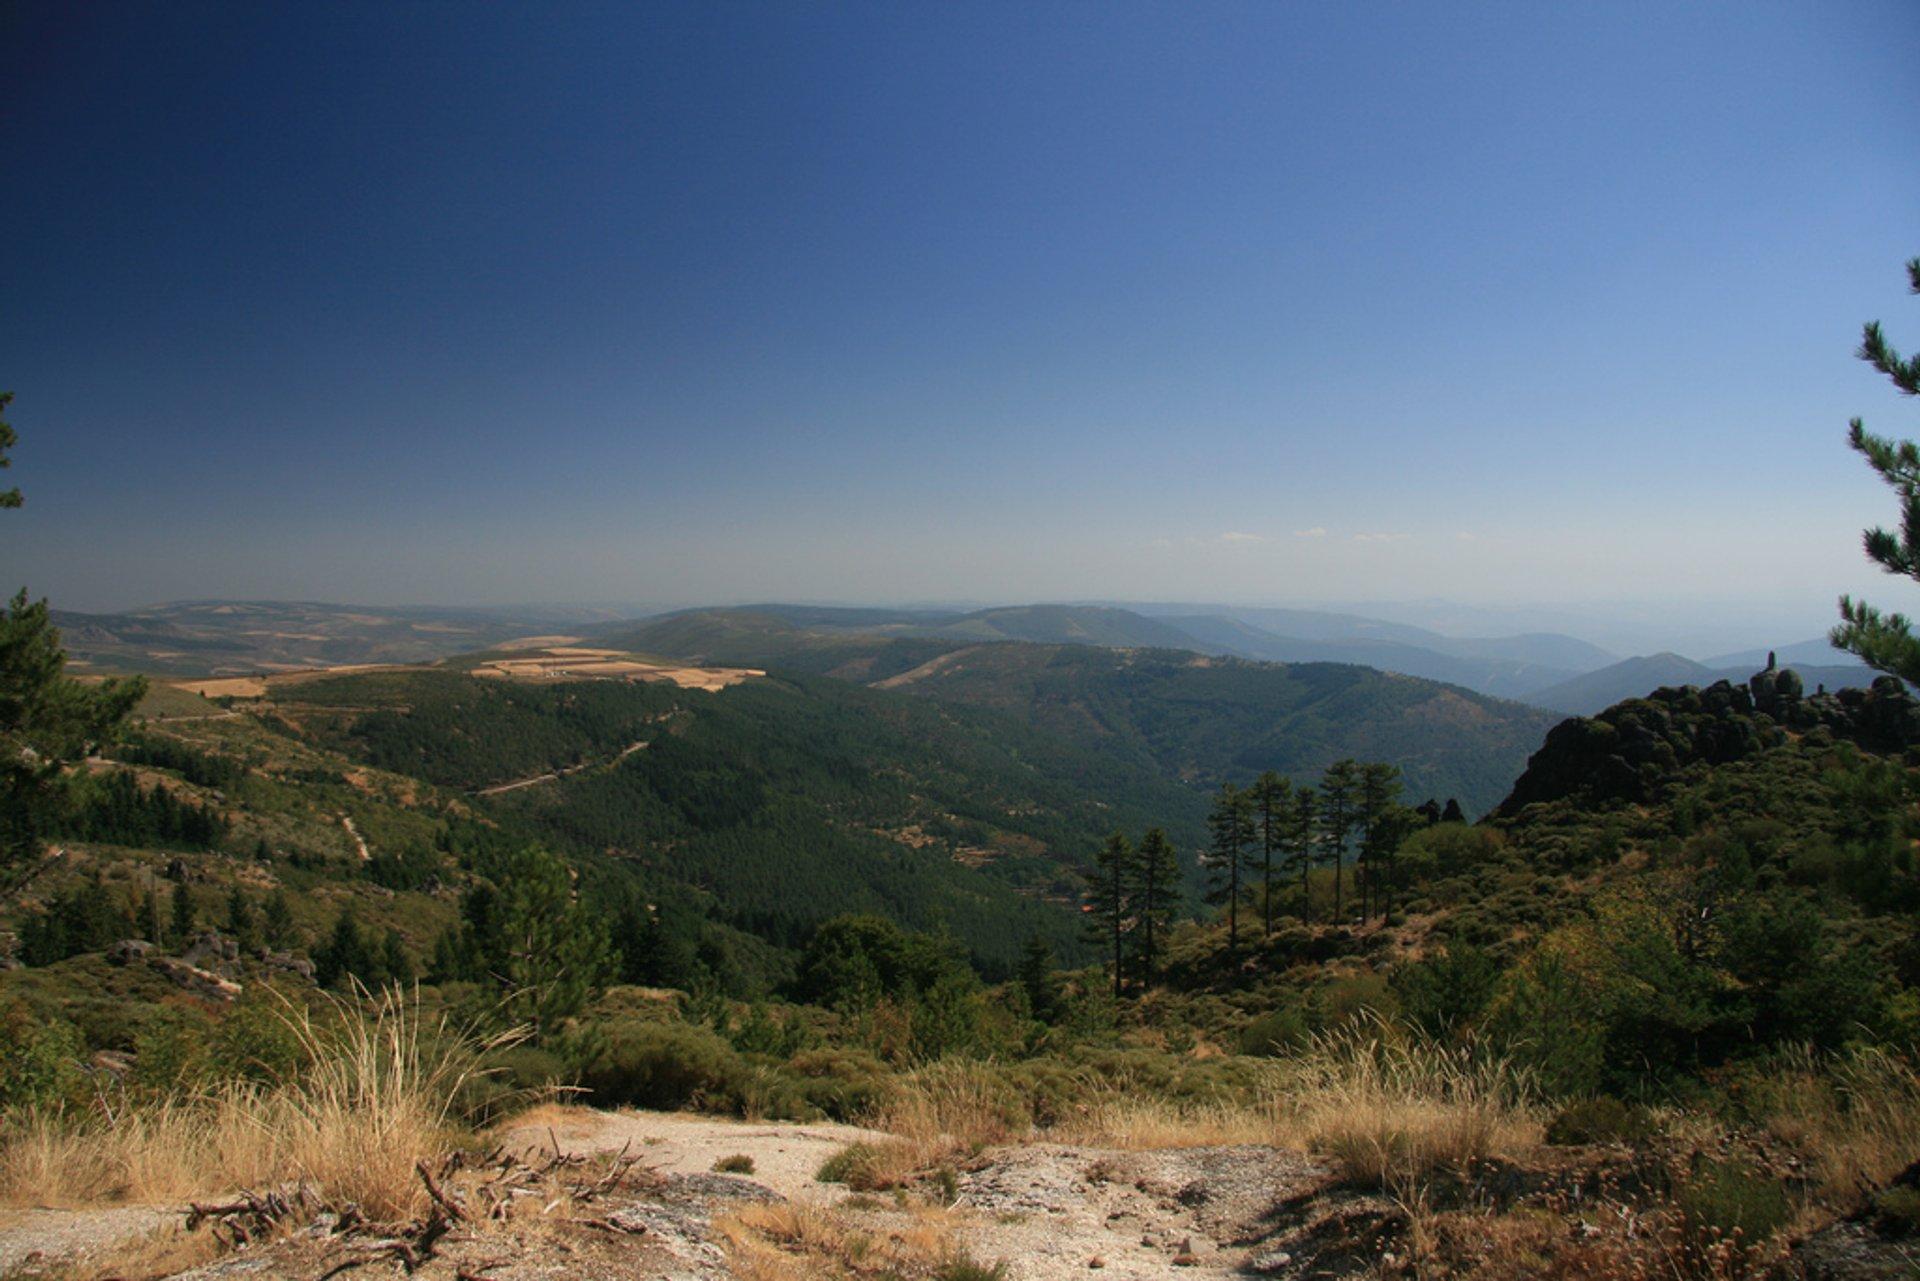 Best time to see Hiking in Parque Natural da Serra da Estrela in Portugal 2020